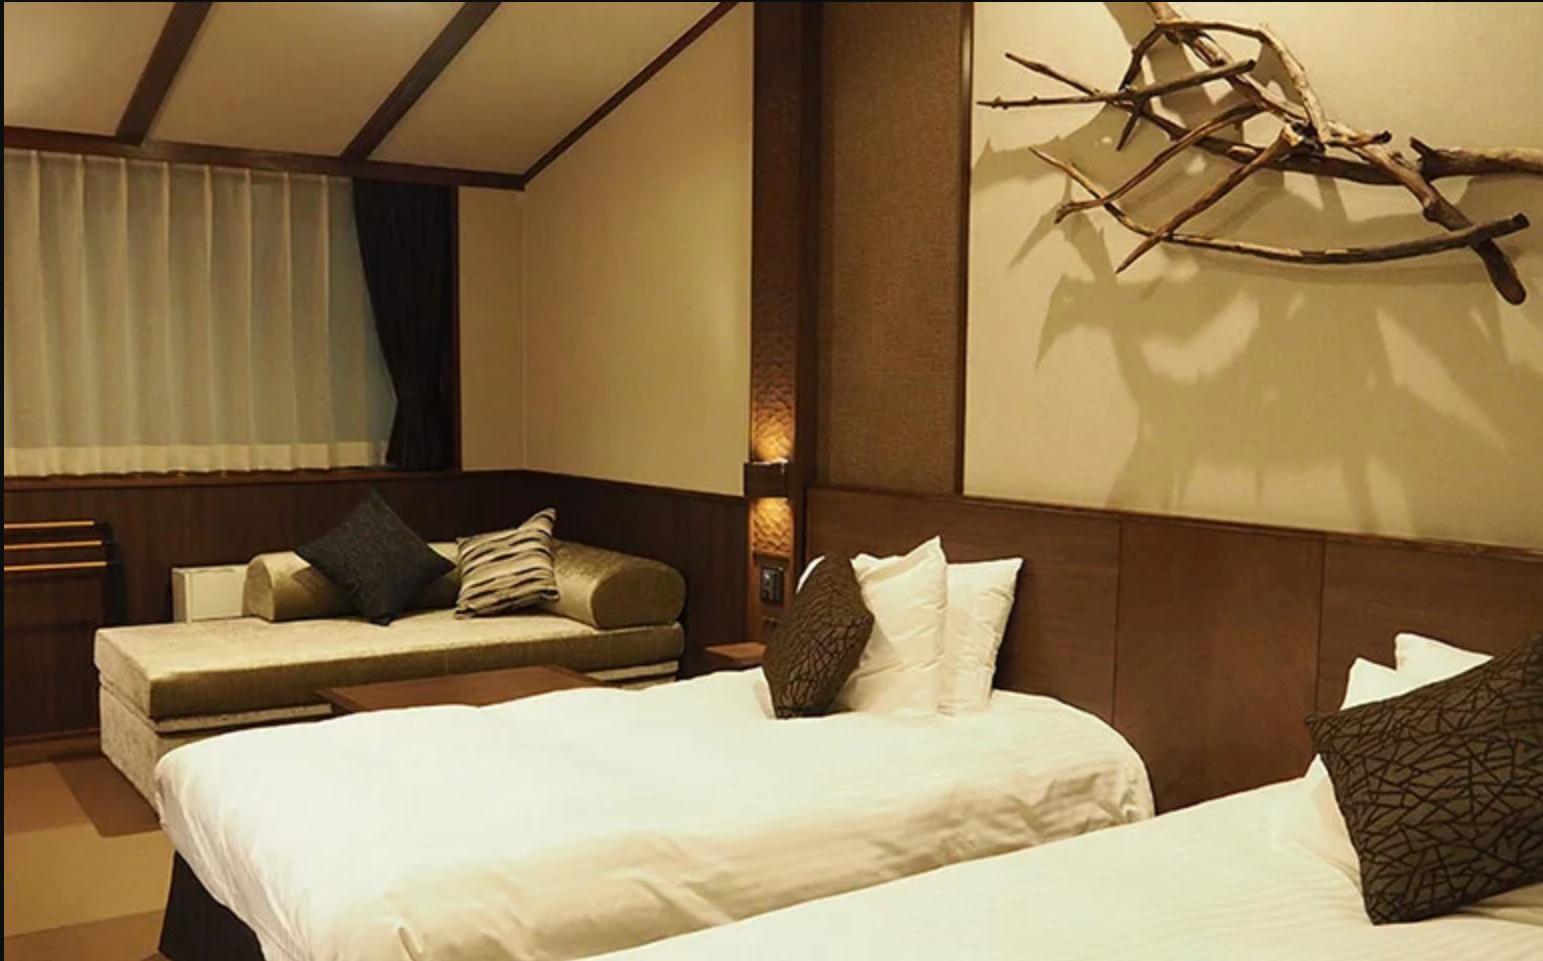 八幡平マウンテンホテル マウンテンルーム(ツイン)